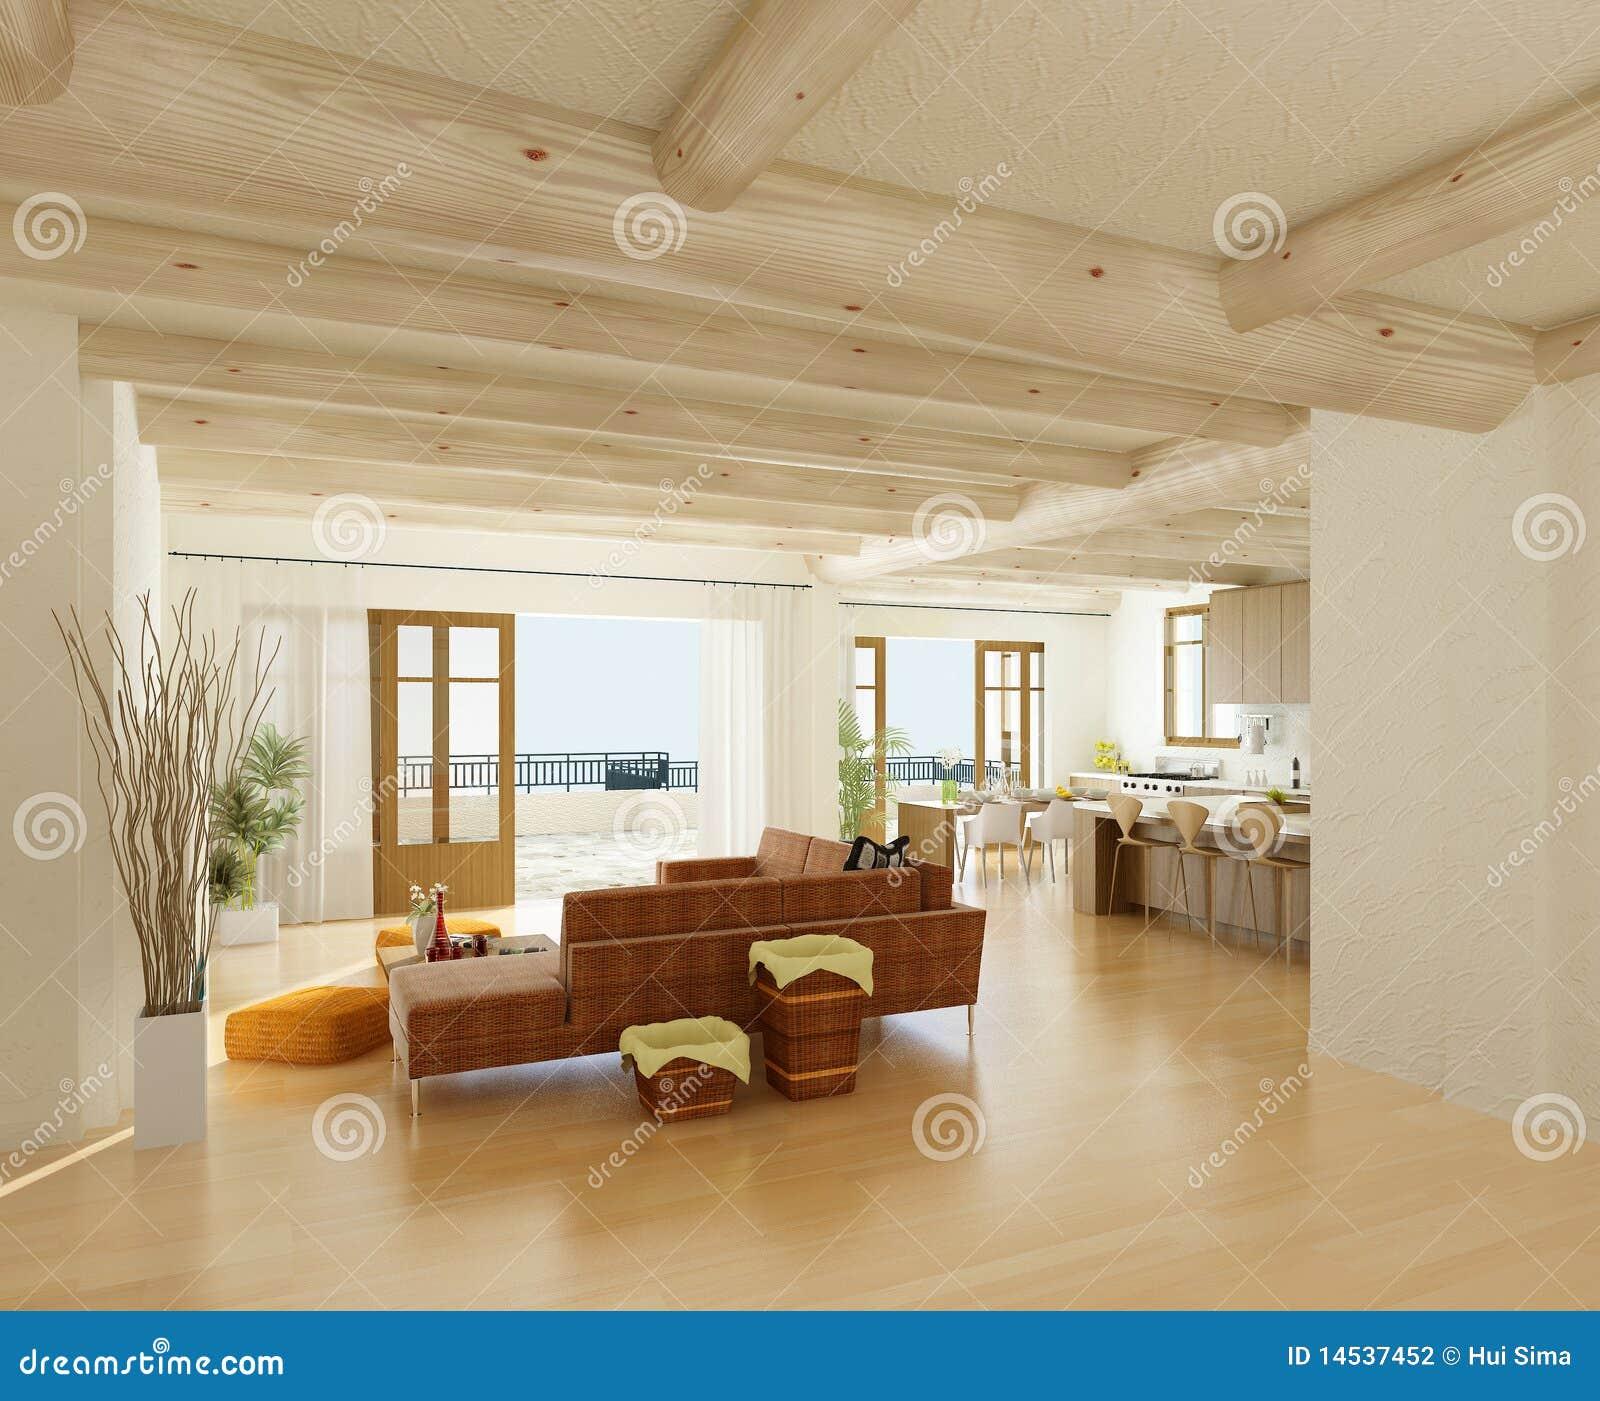 gemtliches wohnzimmer stockfotografie bild 14537452 - Gemtliche Wohnzimmer